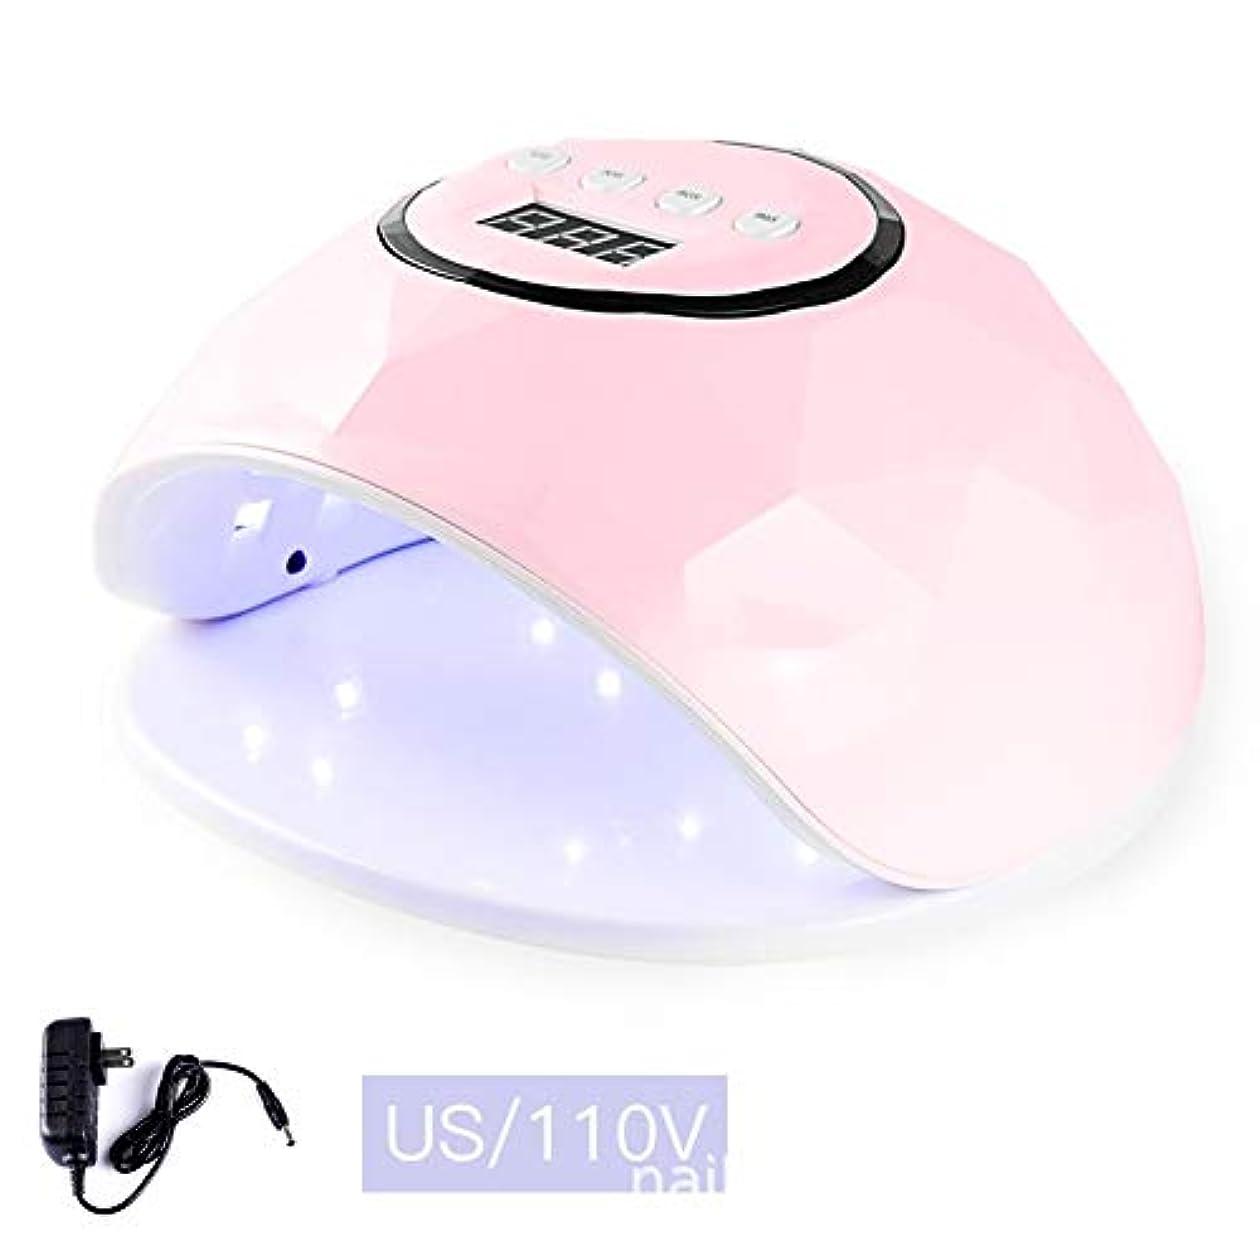 経営者コーンウォールマーカーLittleCat F5インテリジェントセンサー72W LEDランプライト療法機械ネイルネイルポリッシュドライヤーの熱ランプガム (色 : Pink 110V flat plug 72 watts)